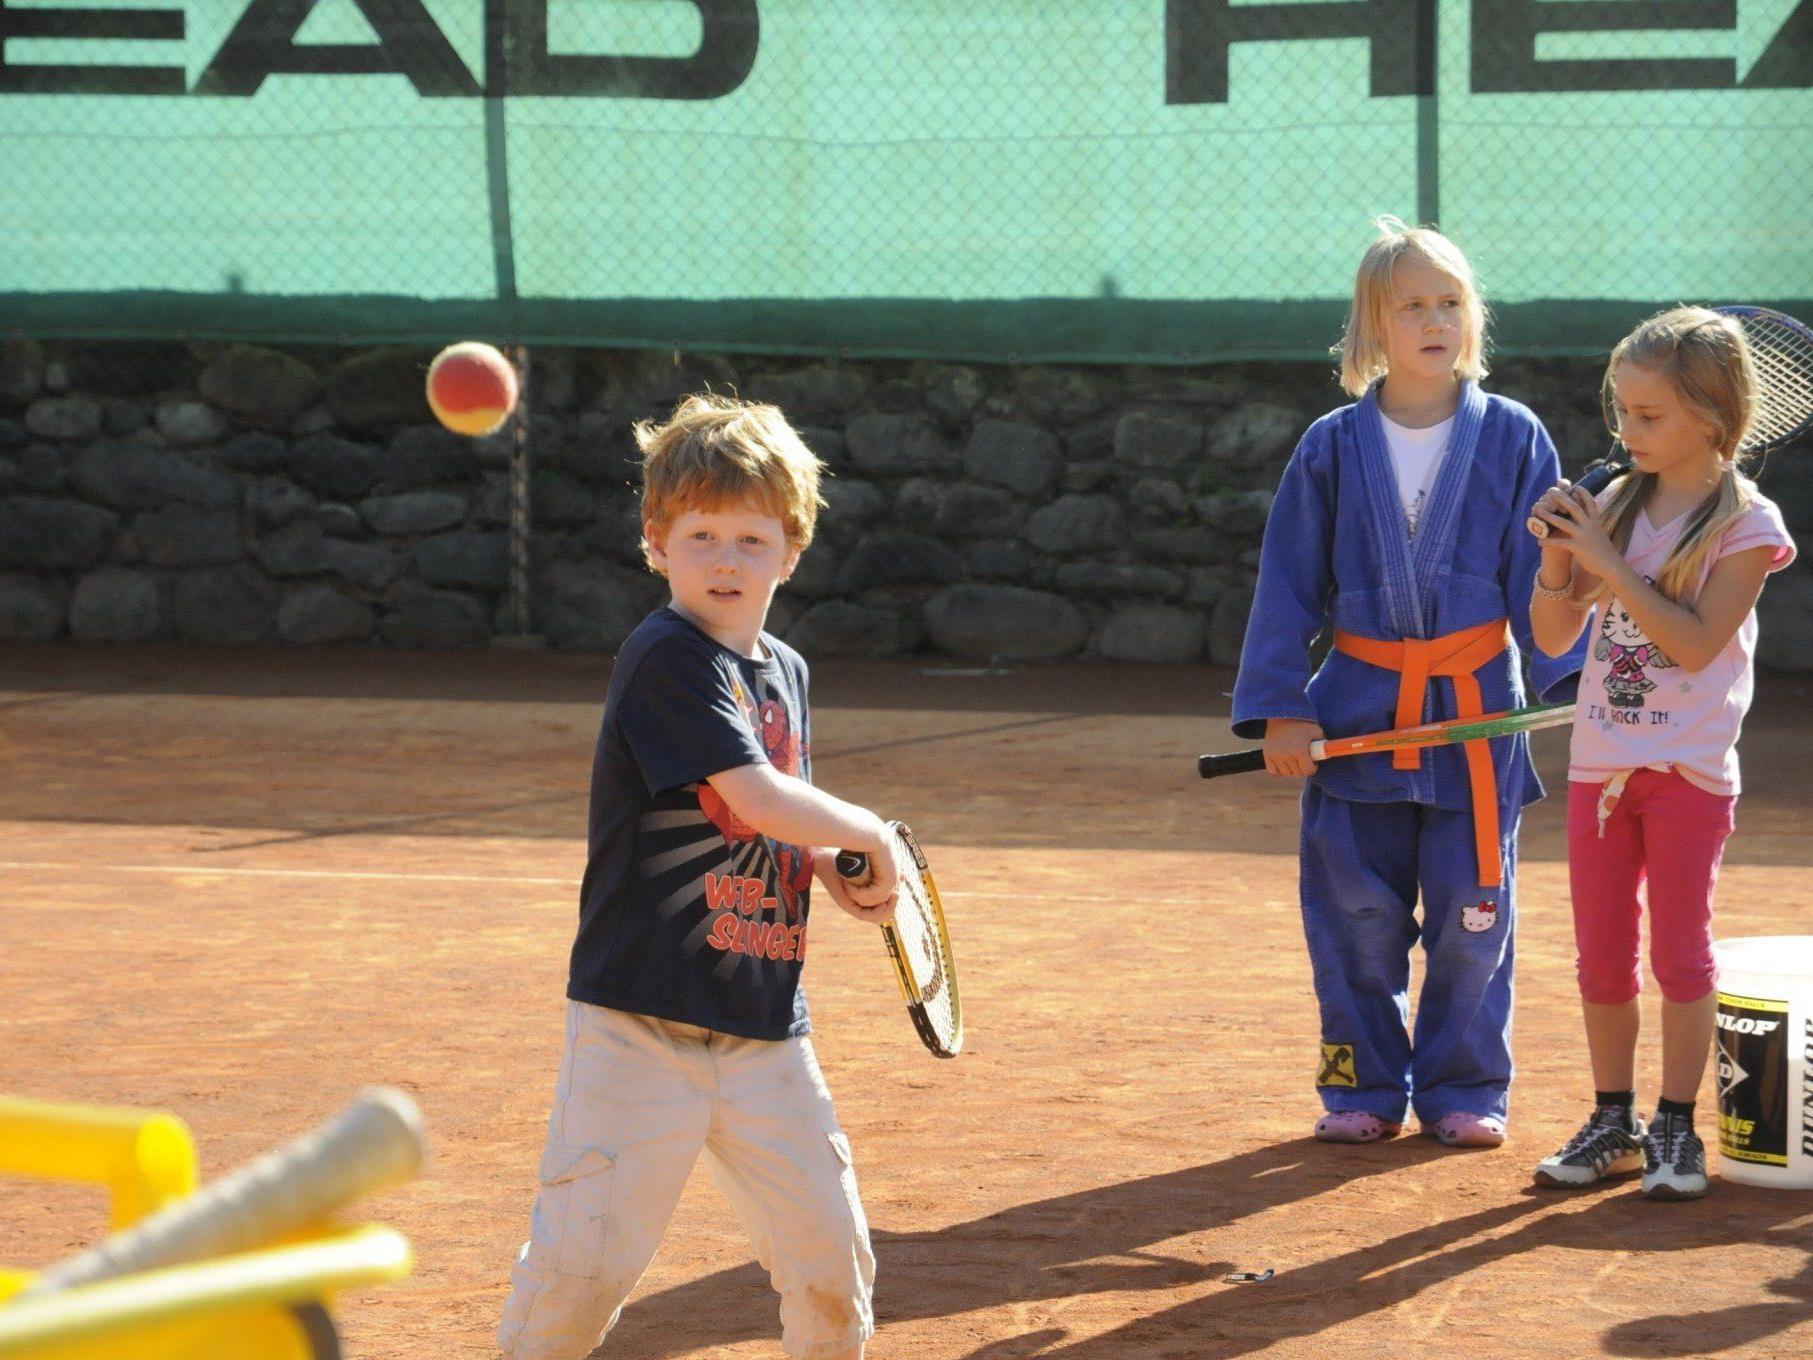 Die kleinen Besucher können beim Familiensporttag sämtliche Sportarten, die in Dornbirn angeboten werden, ausprobieren.